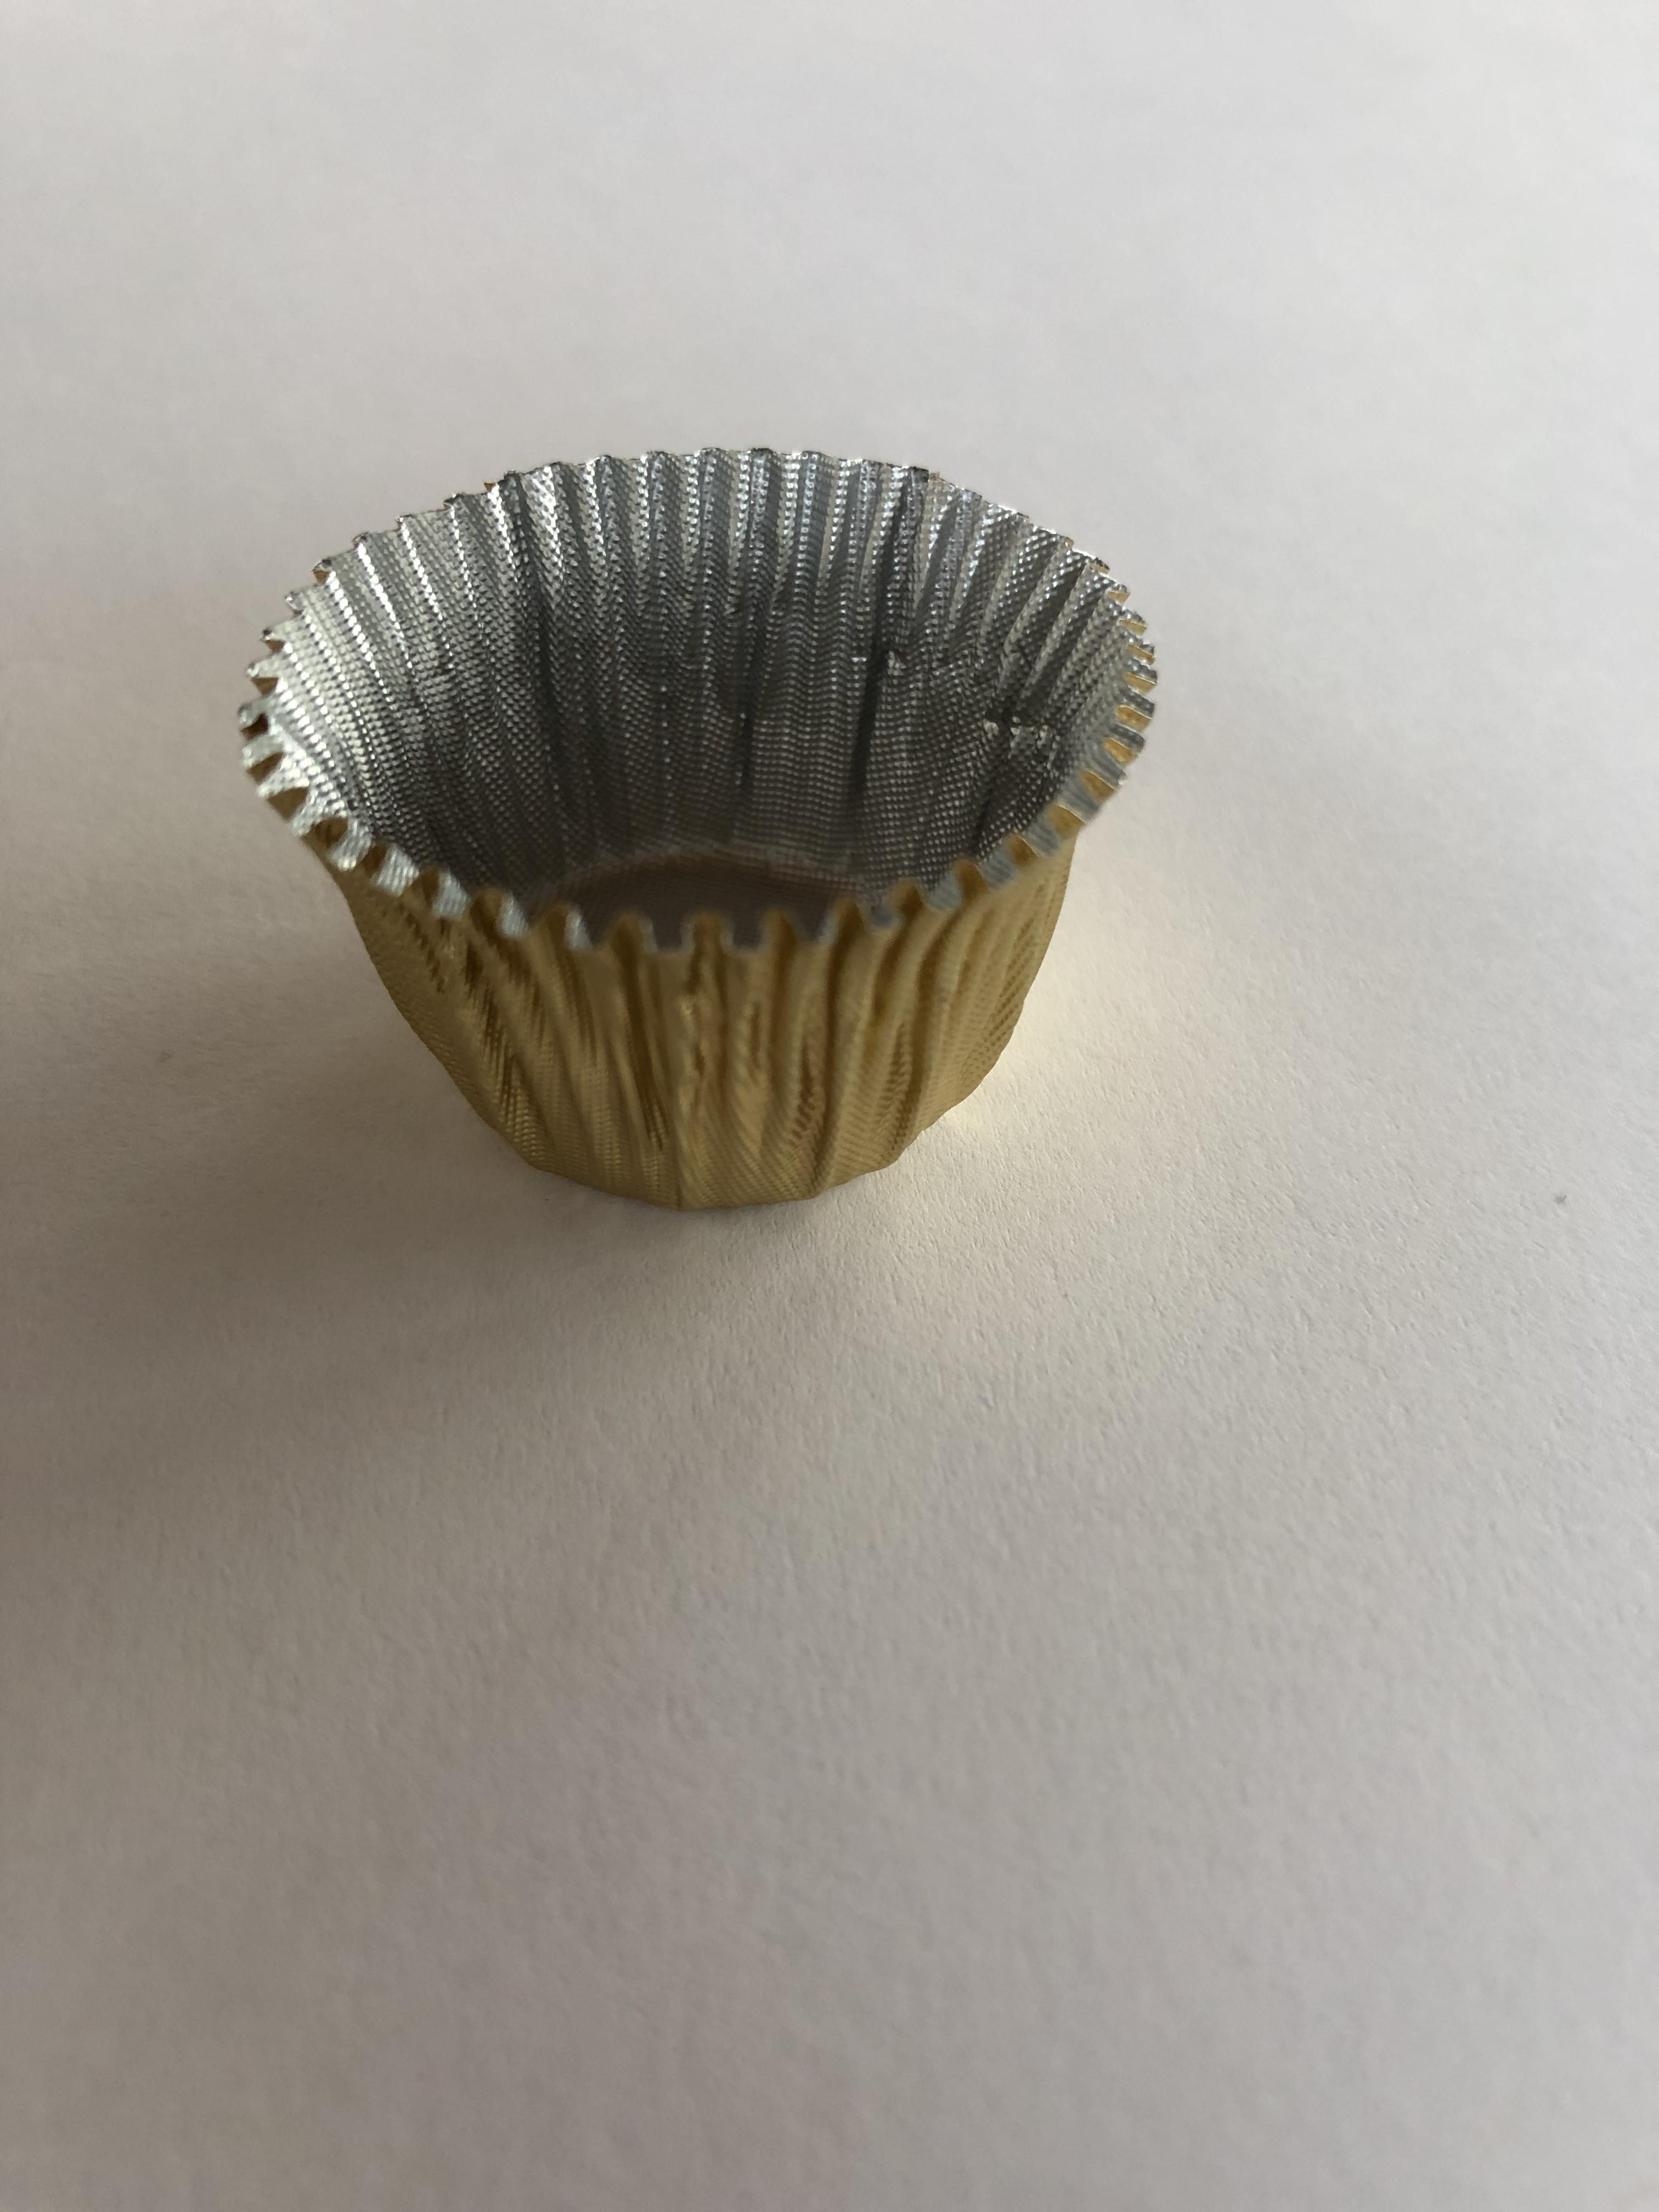 Guld kapsel til chokolade